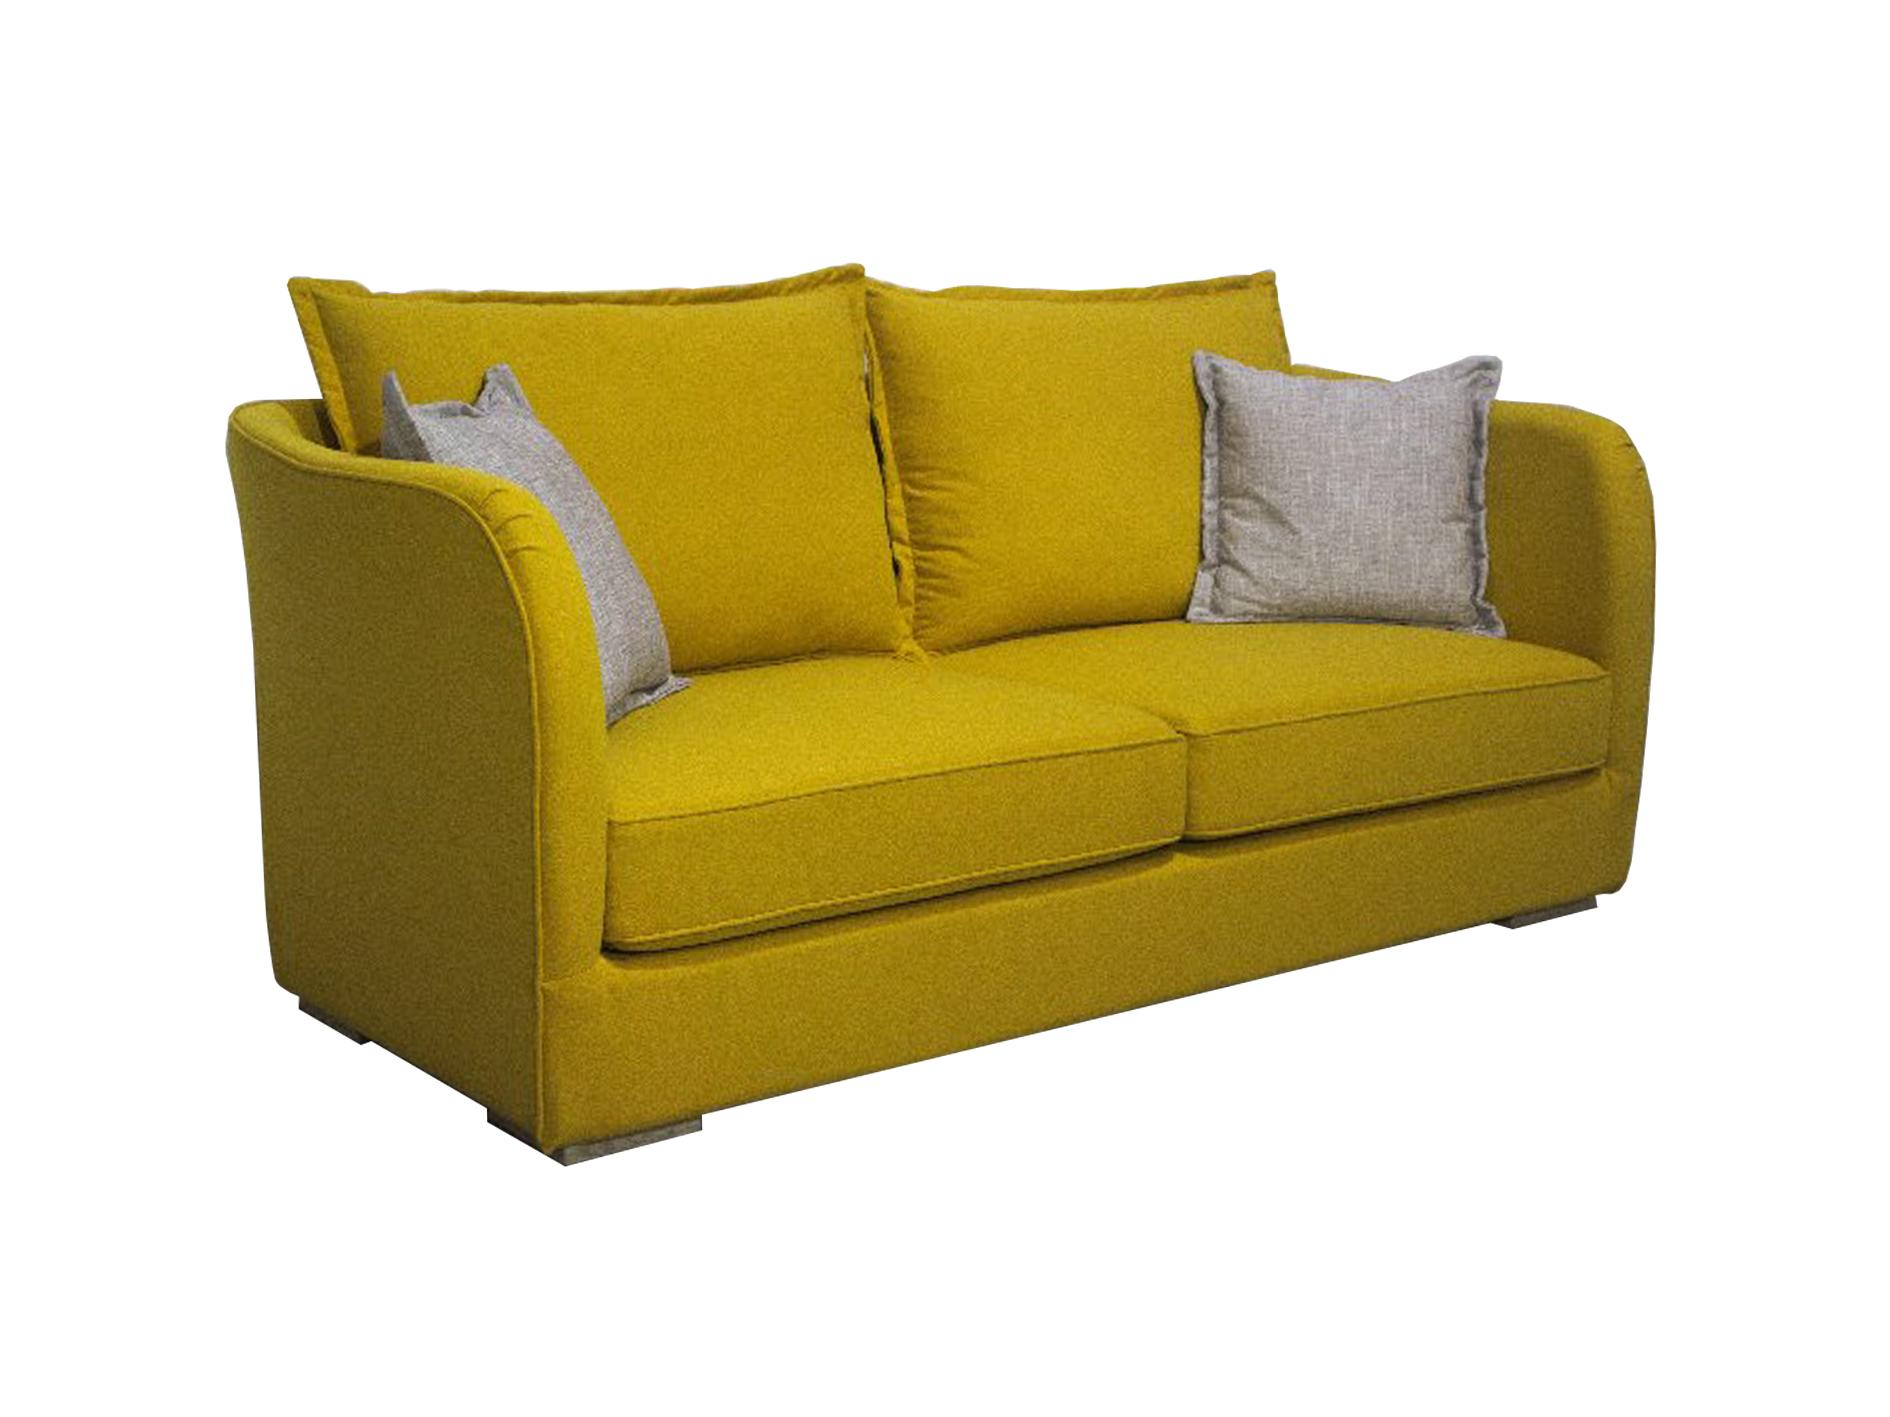 Valerio Designer Italian Fabric Sofa – Palazzo – 3 Seater fabric sofa (2.05M)